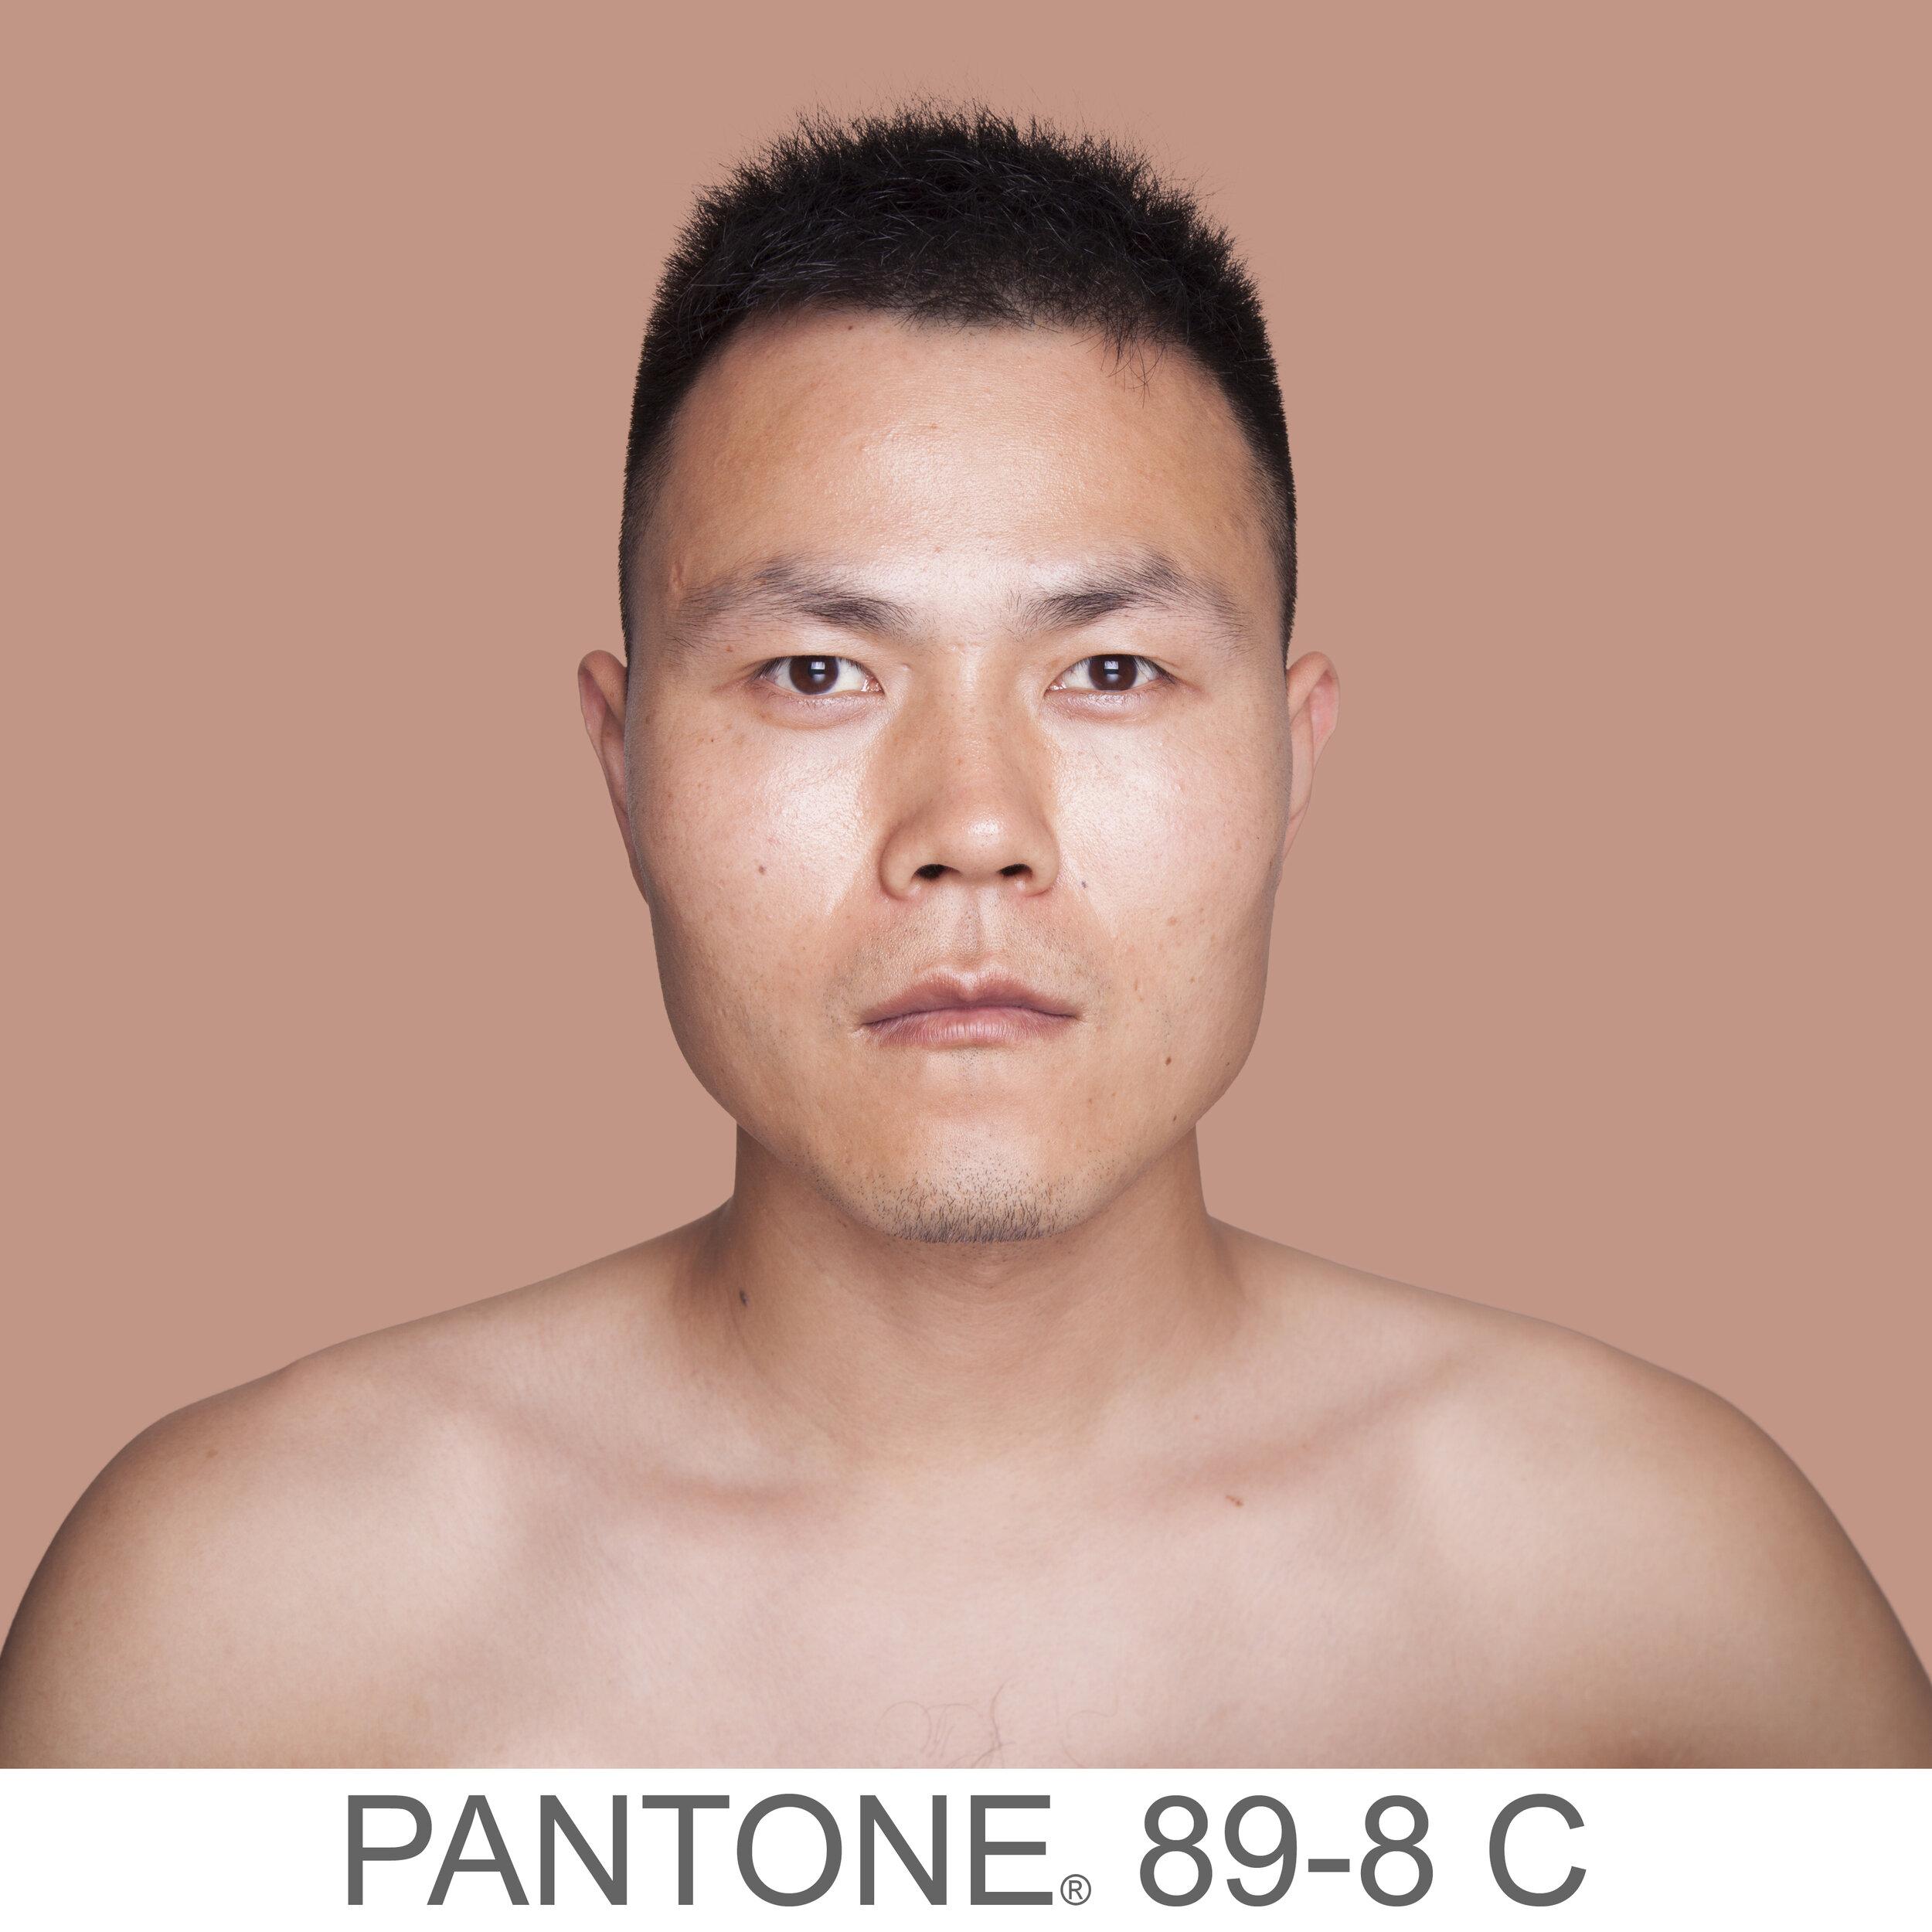 humanae 89-8 C CN copia.jpg